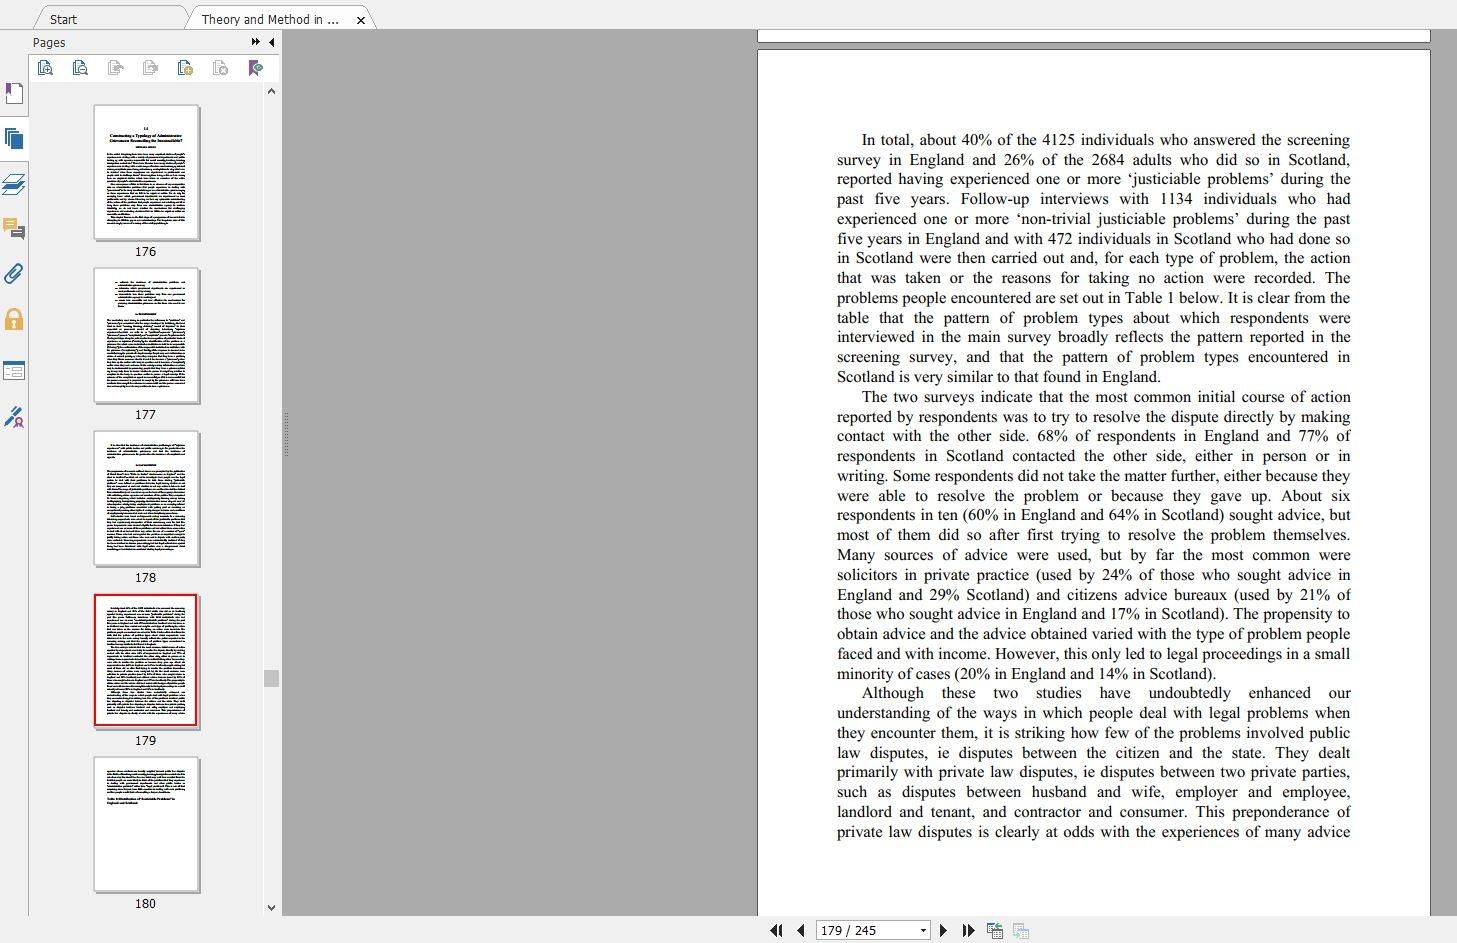 دانلود کتاب Theory and method in socio-legal research خرید ایبوک Theory and Method in Socio-legal Research Banakar Travers نظریه و روش تحقیق اجتماعی و حقوقیگیگاپیپر